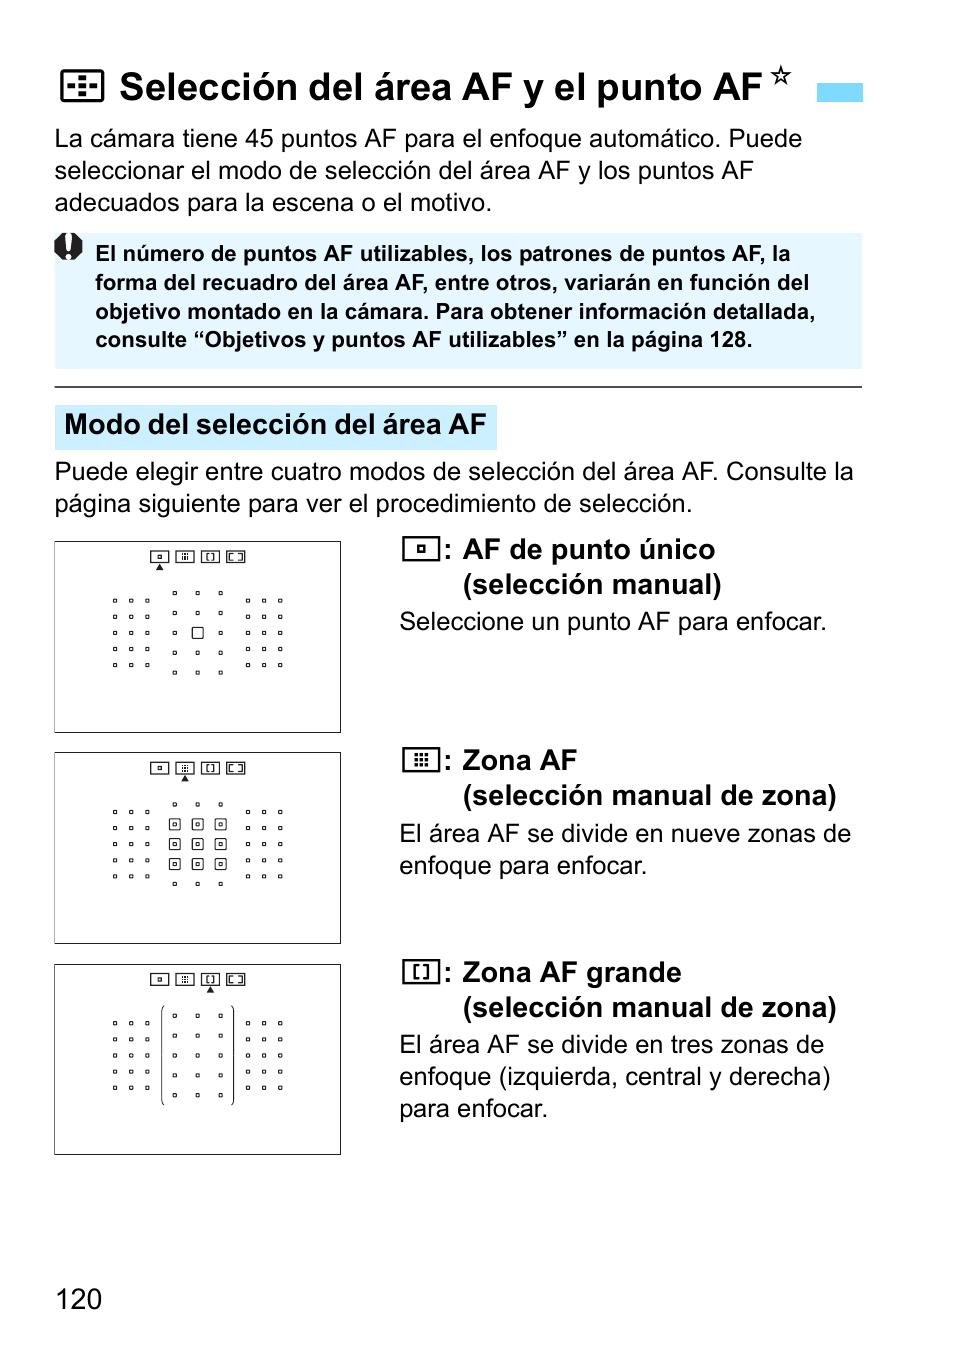 Selección del área af y el punto af, Sselección del área af y el ...